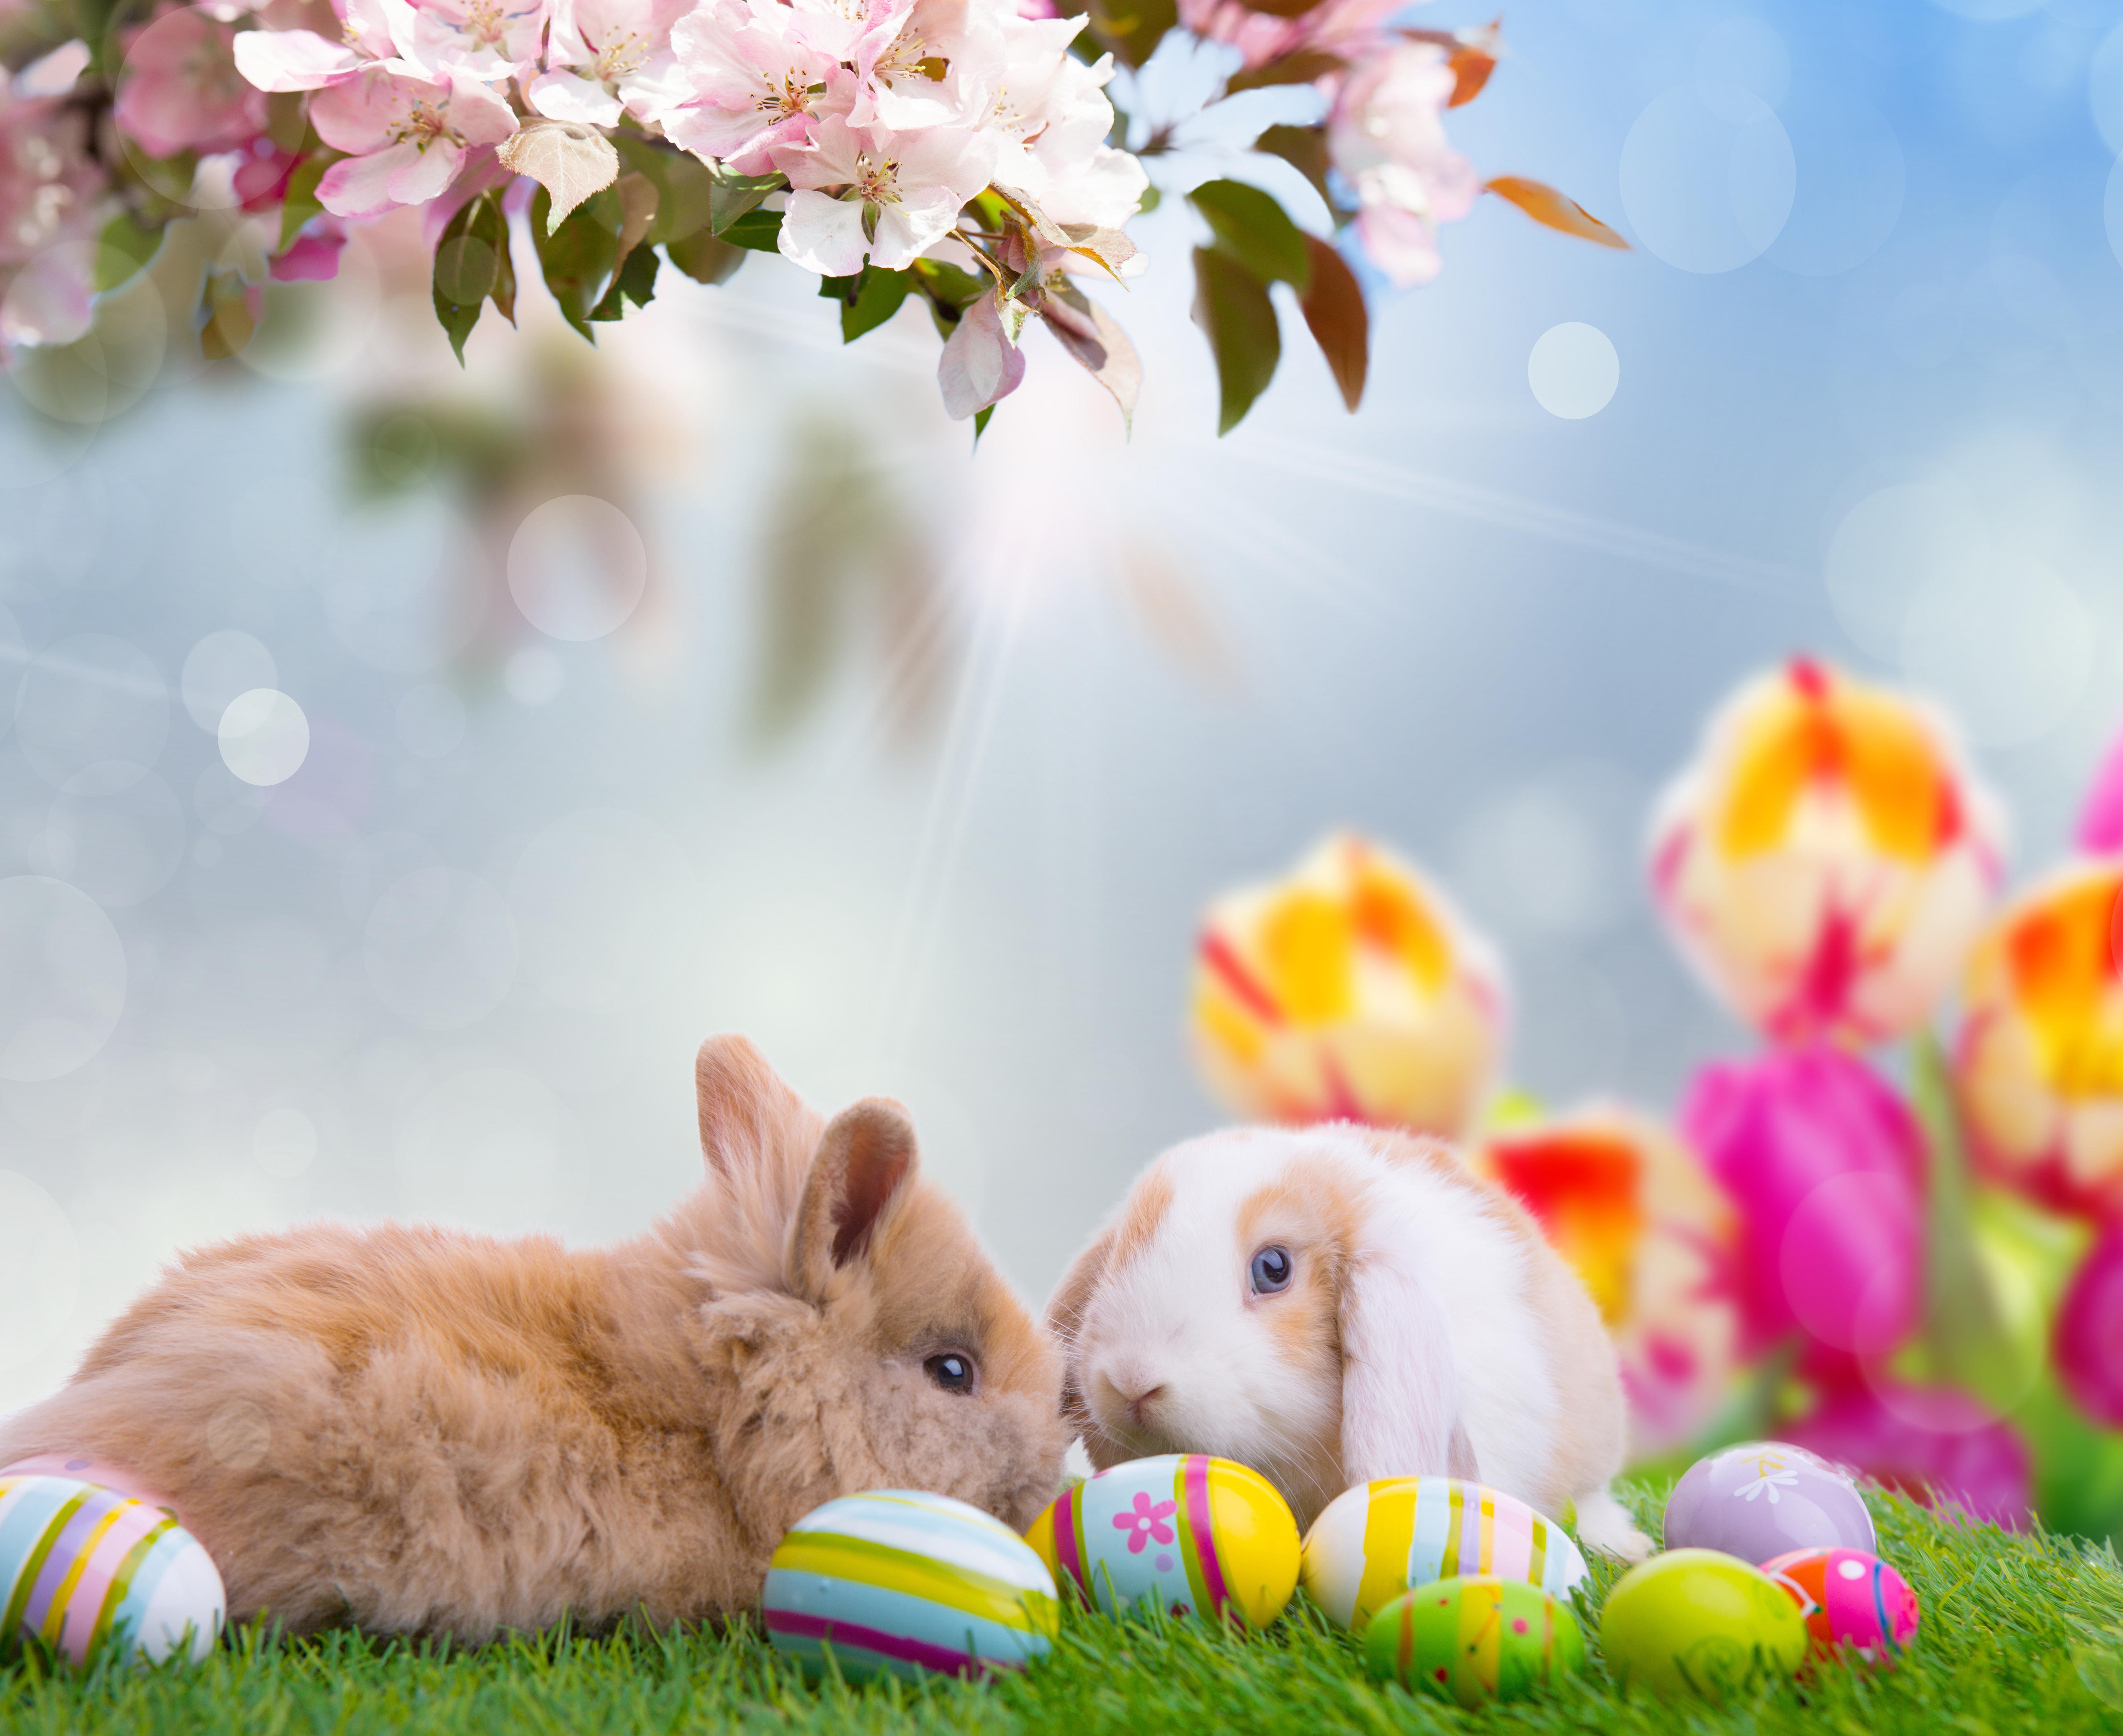 кролик с тюльпанами  № 1144603 бесплатно